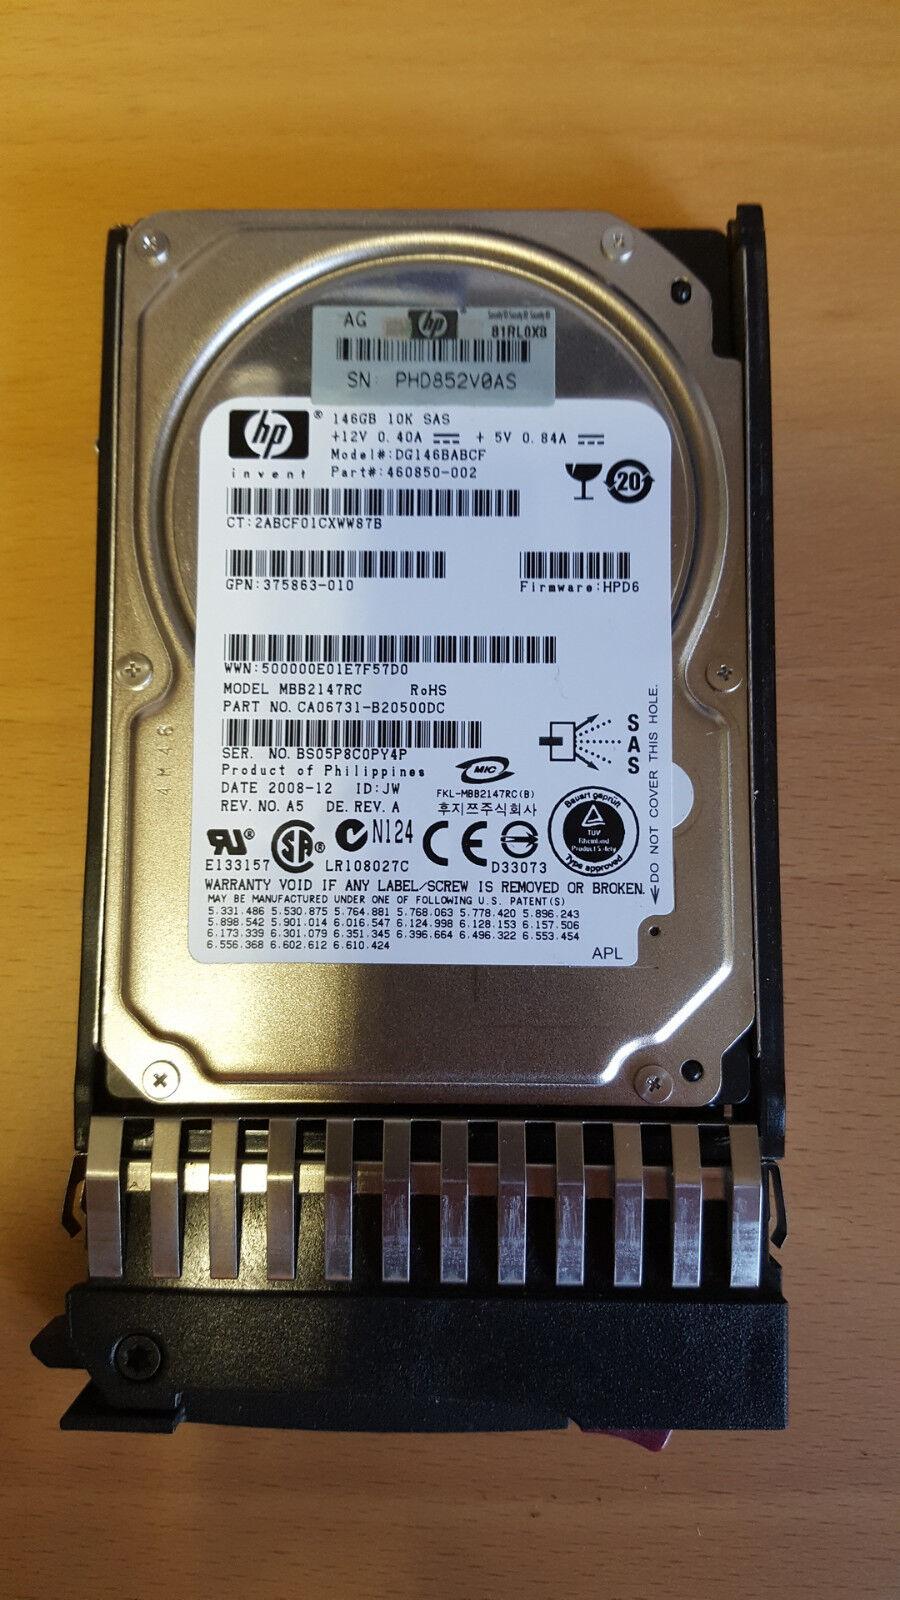 Disco rigido HP 460850-002 SAS 2.5